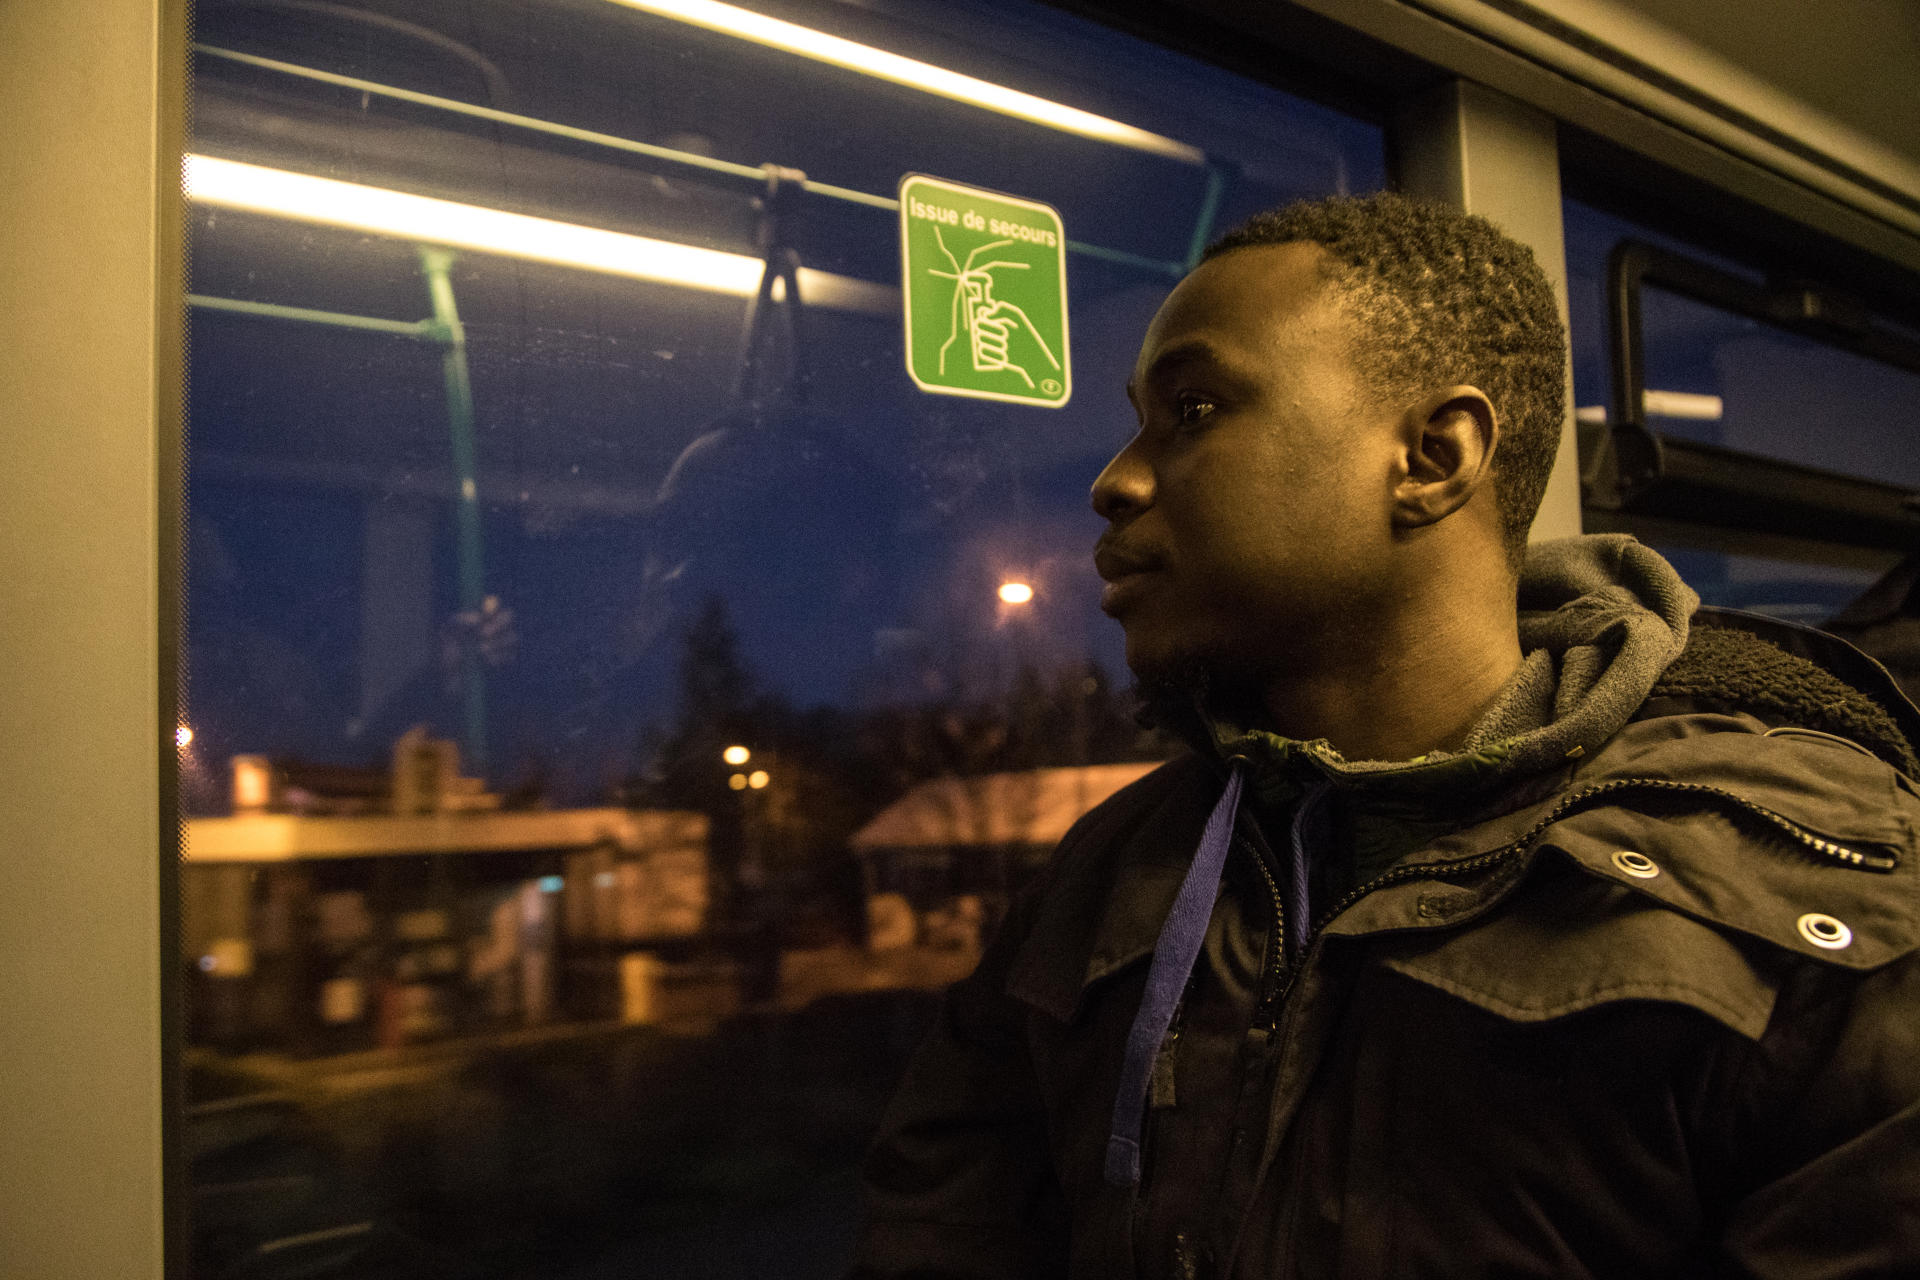 Abdoul (prénom modifié), ripeur intérimaire, emprunte un bus de nuit pour se rendre au travail.